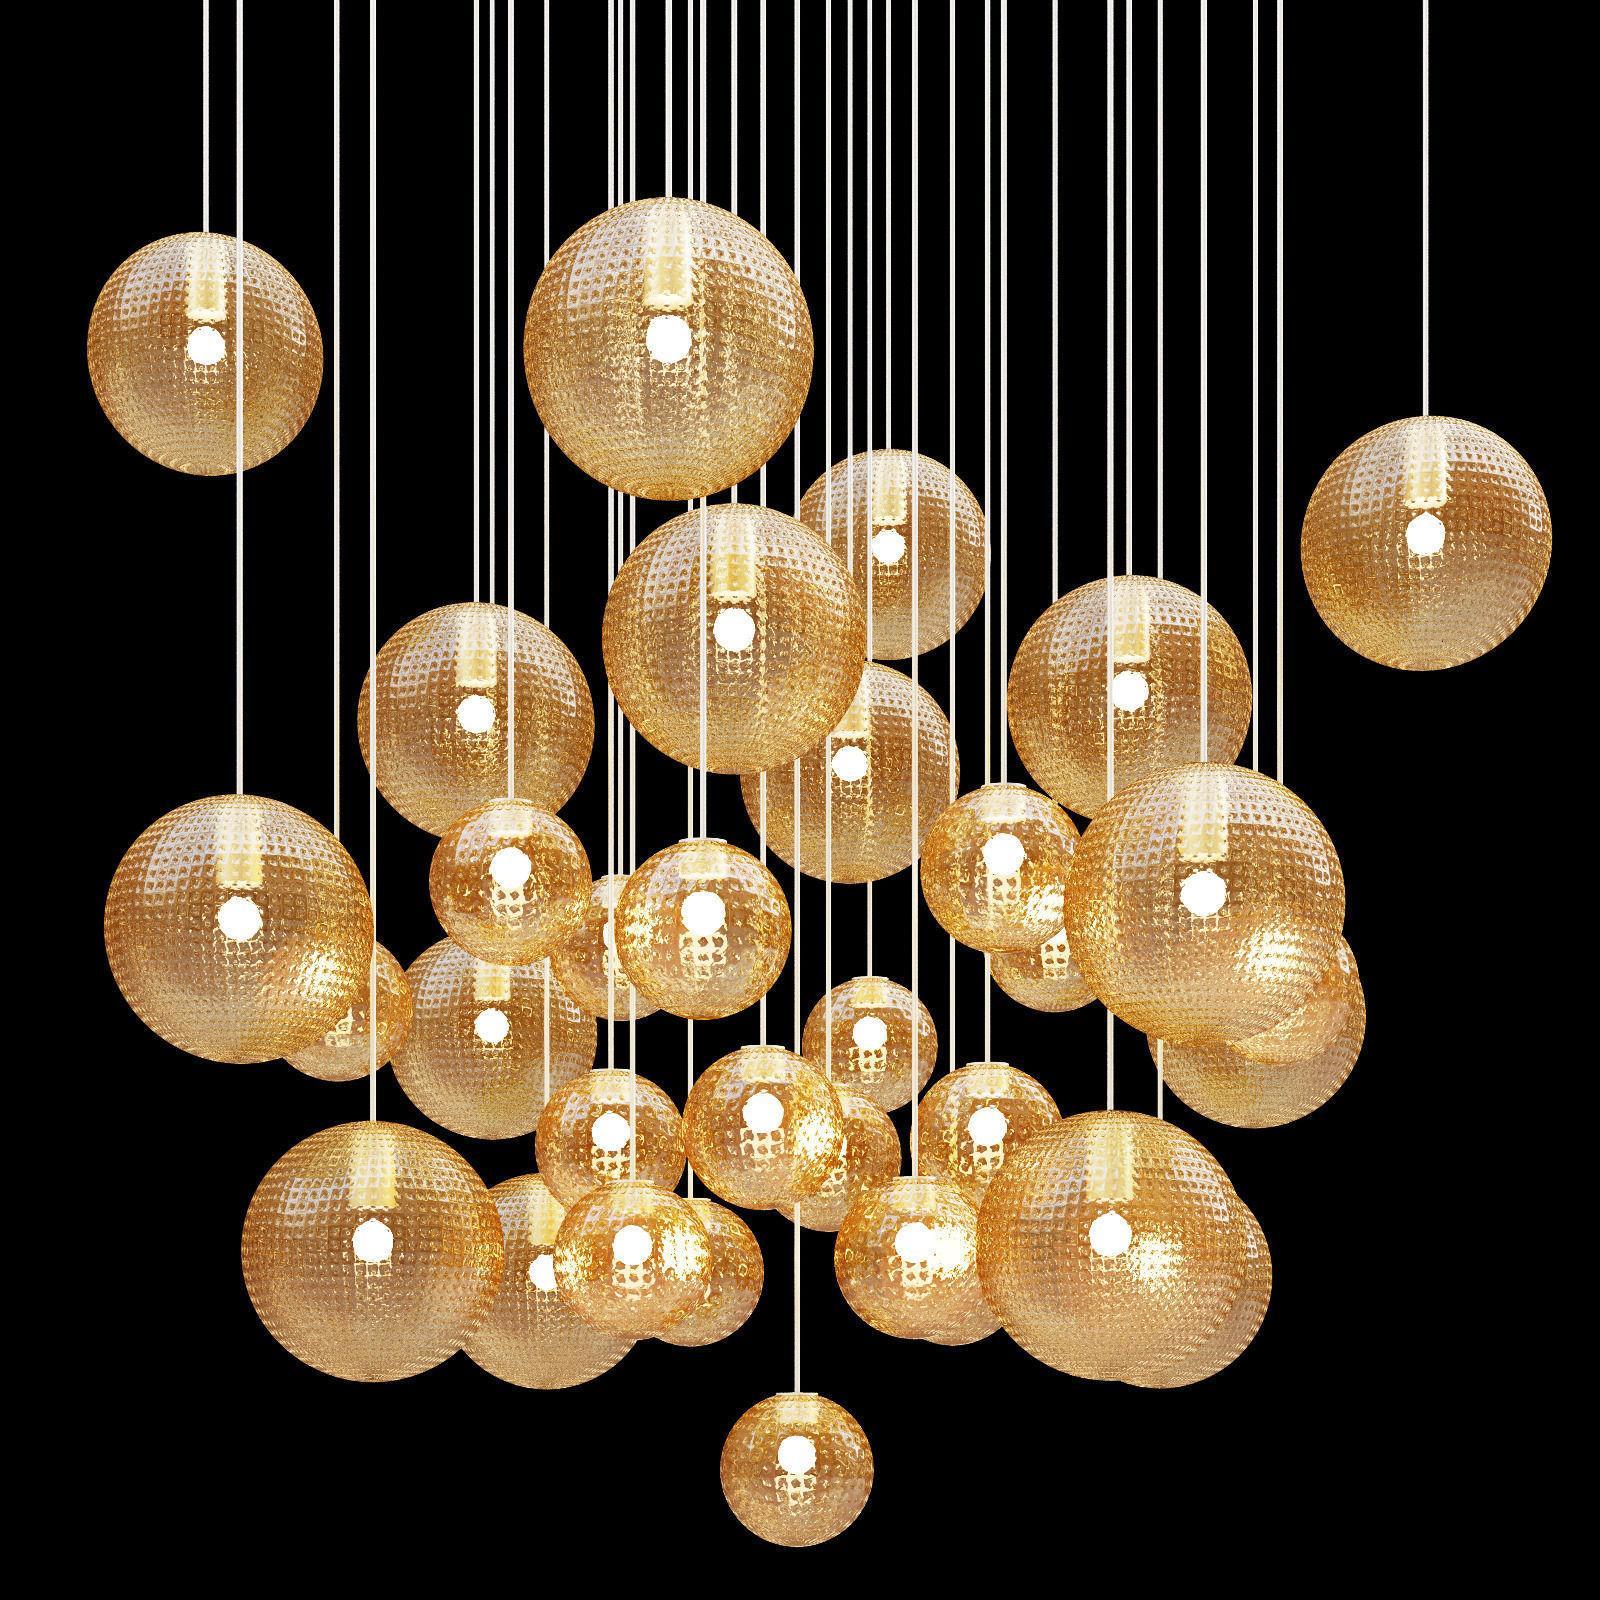 Vistosi bolle chandelier 3d cgtrader vistosi bolle chandelier 3d model max obj 3ds fbx mtl 3 aloadofball Images